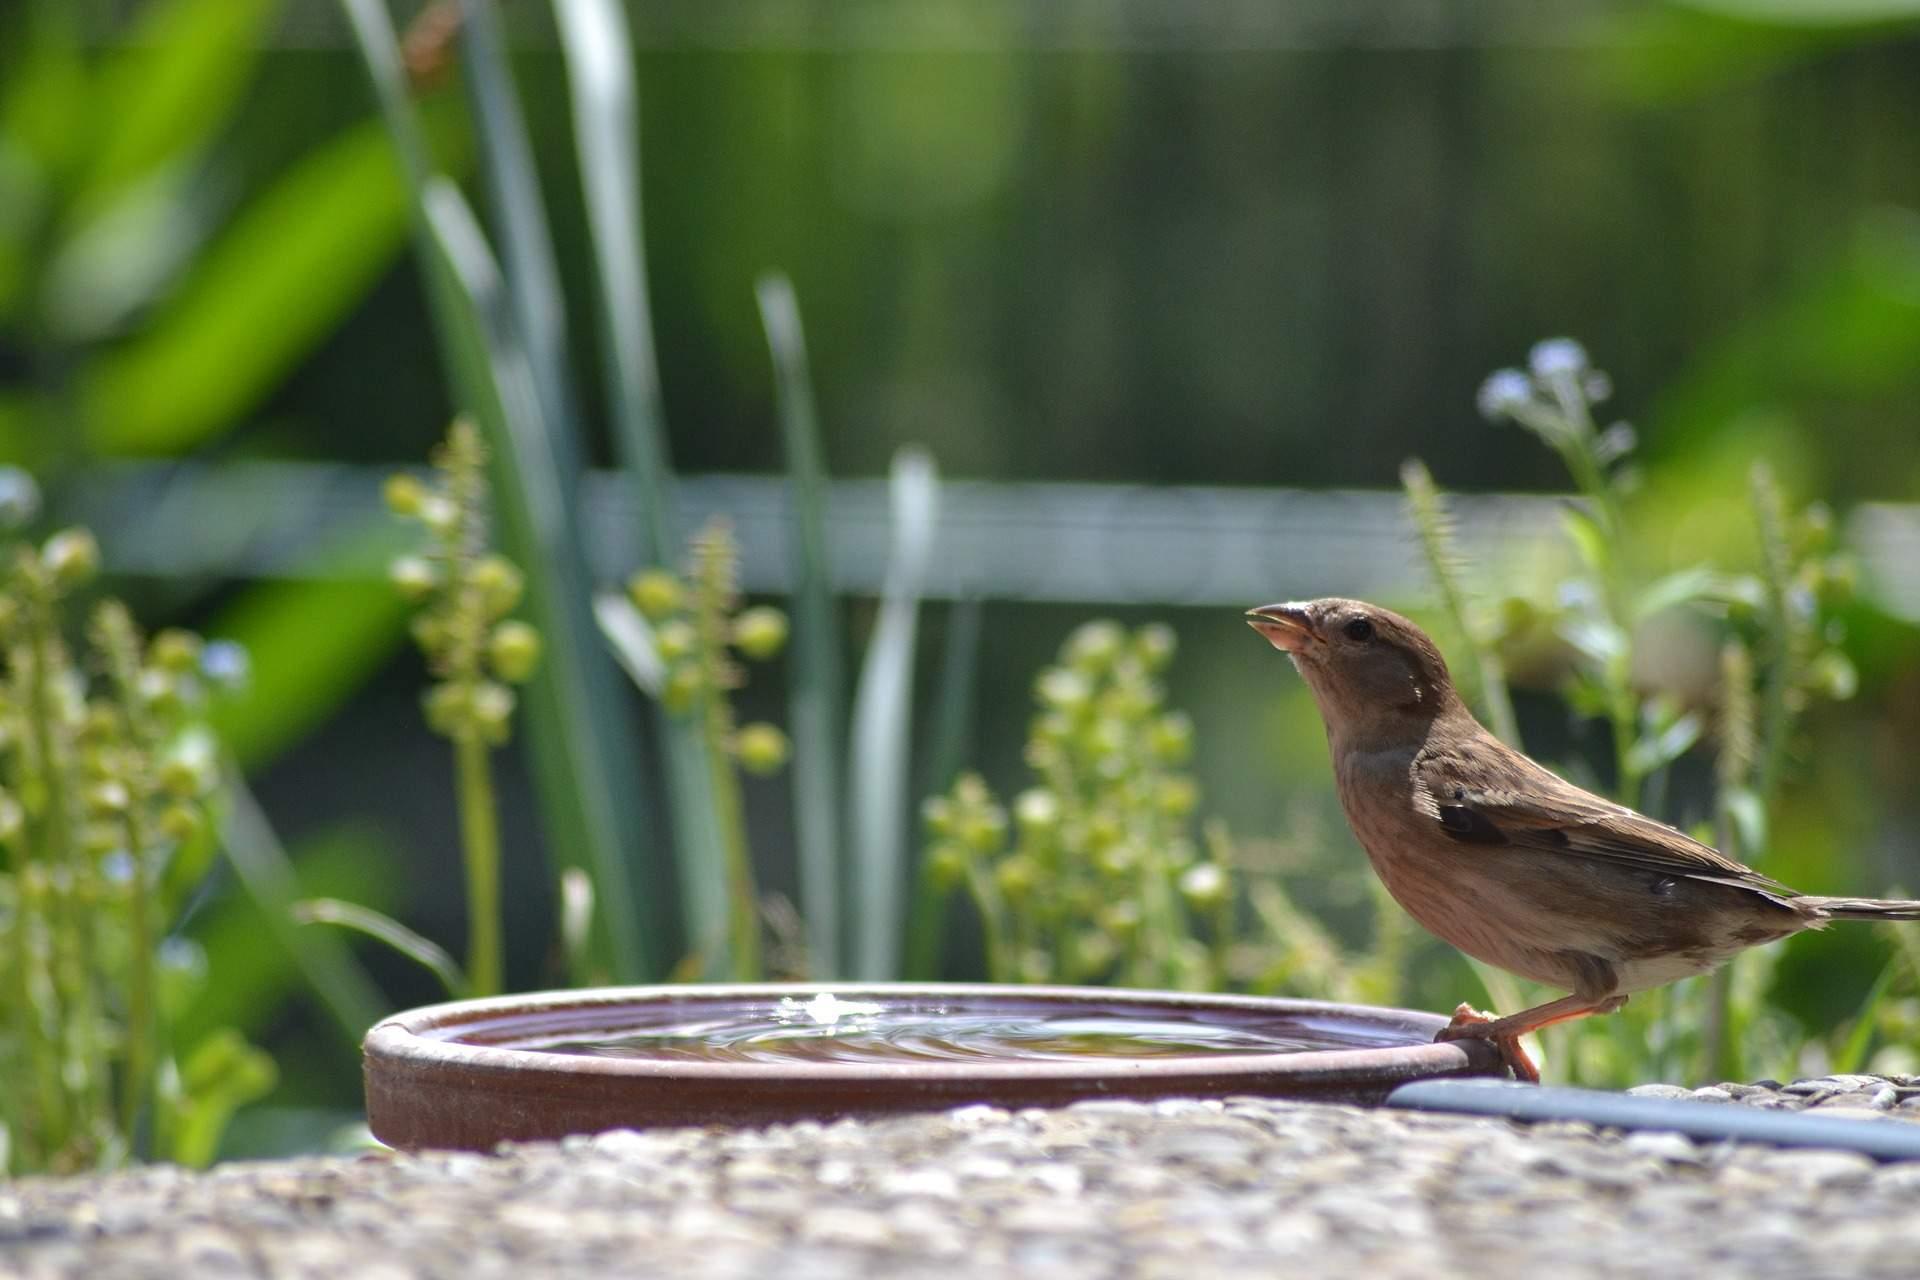 Vogeltränken Für Den Garten Inspirierend Vogeltränken Für Den Garten Eichler Gartenideen